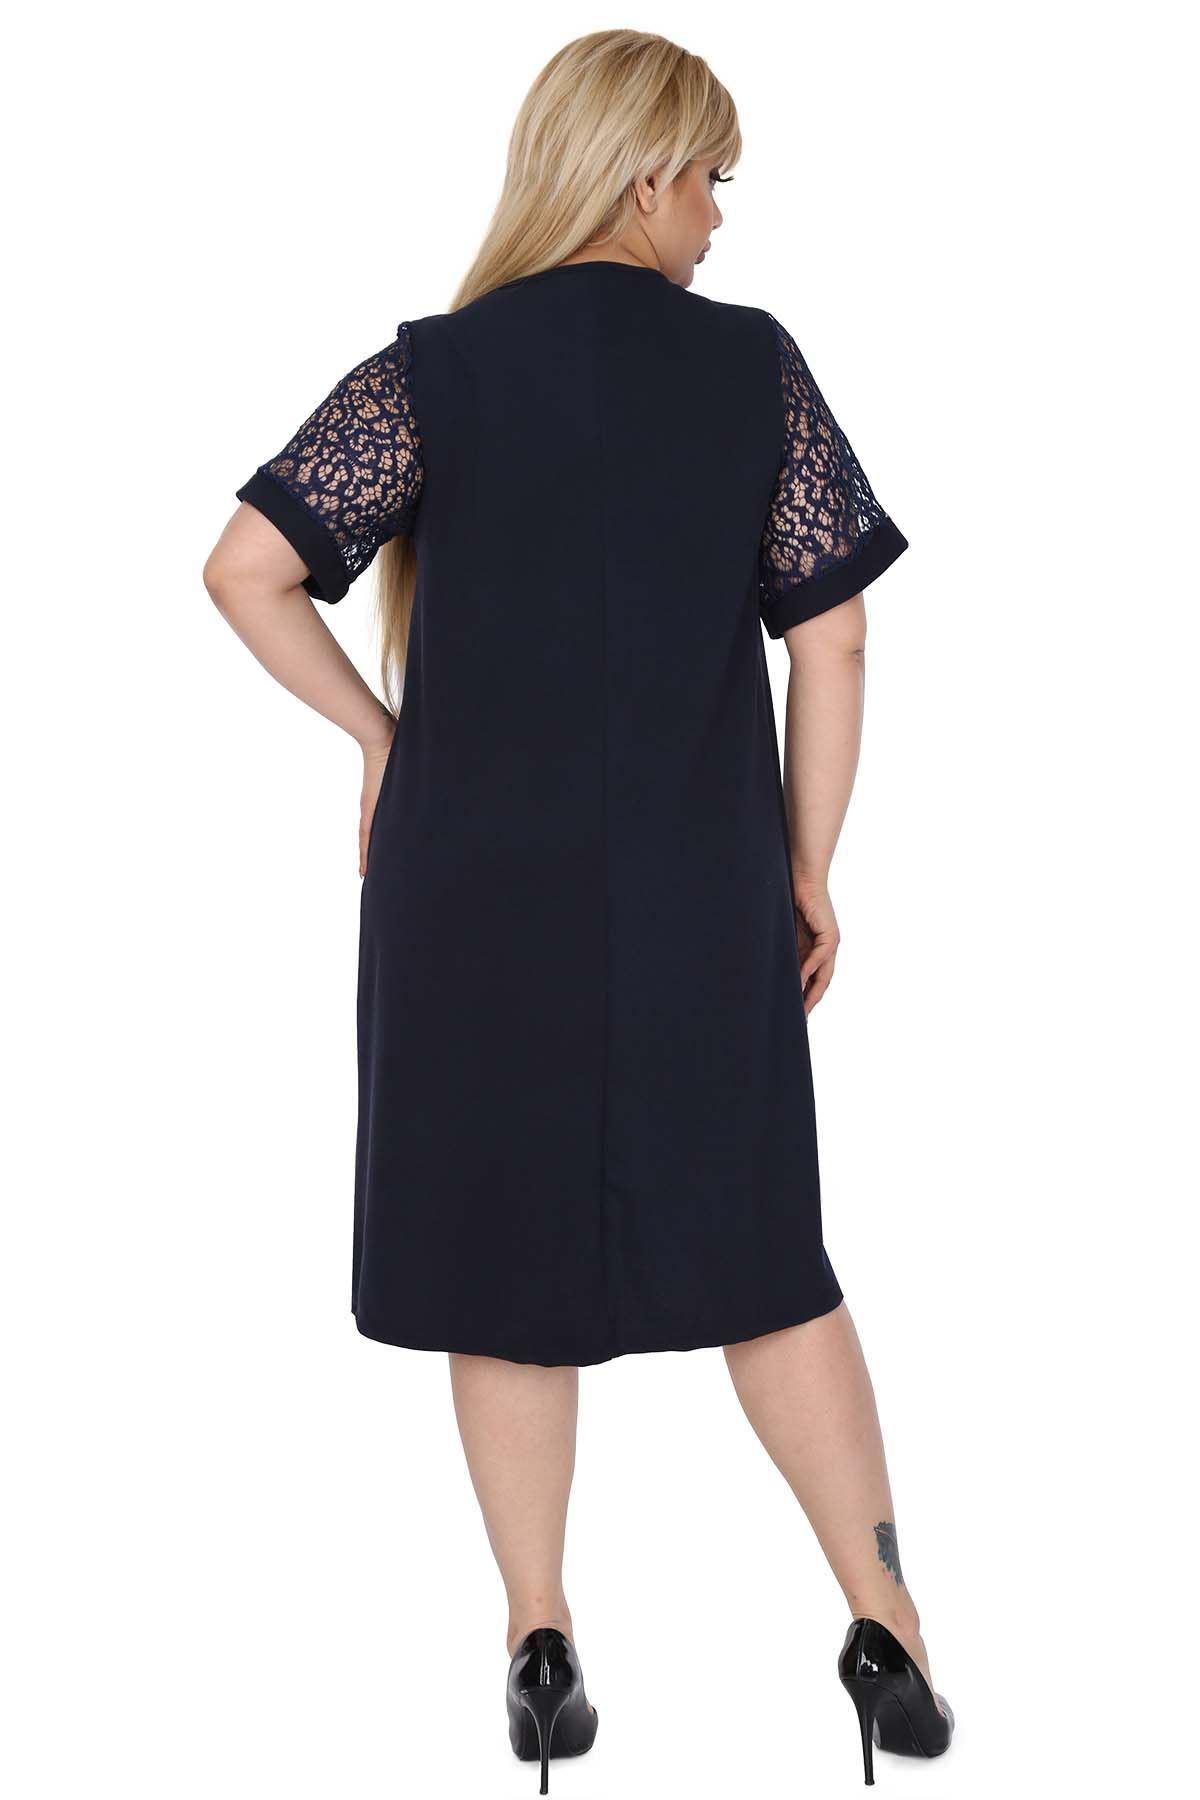 Dantel Kol Lacivert Elbise 9D-0523